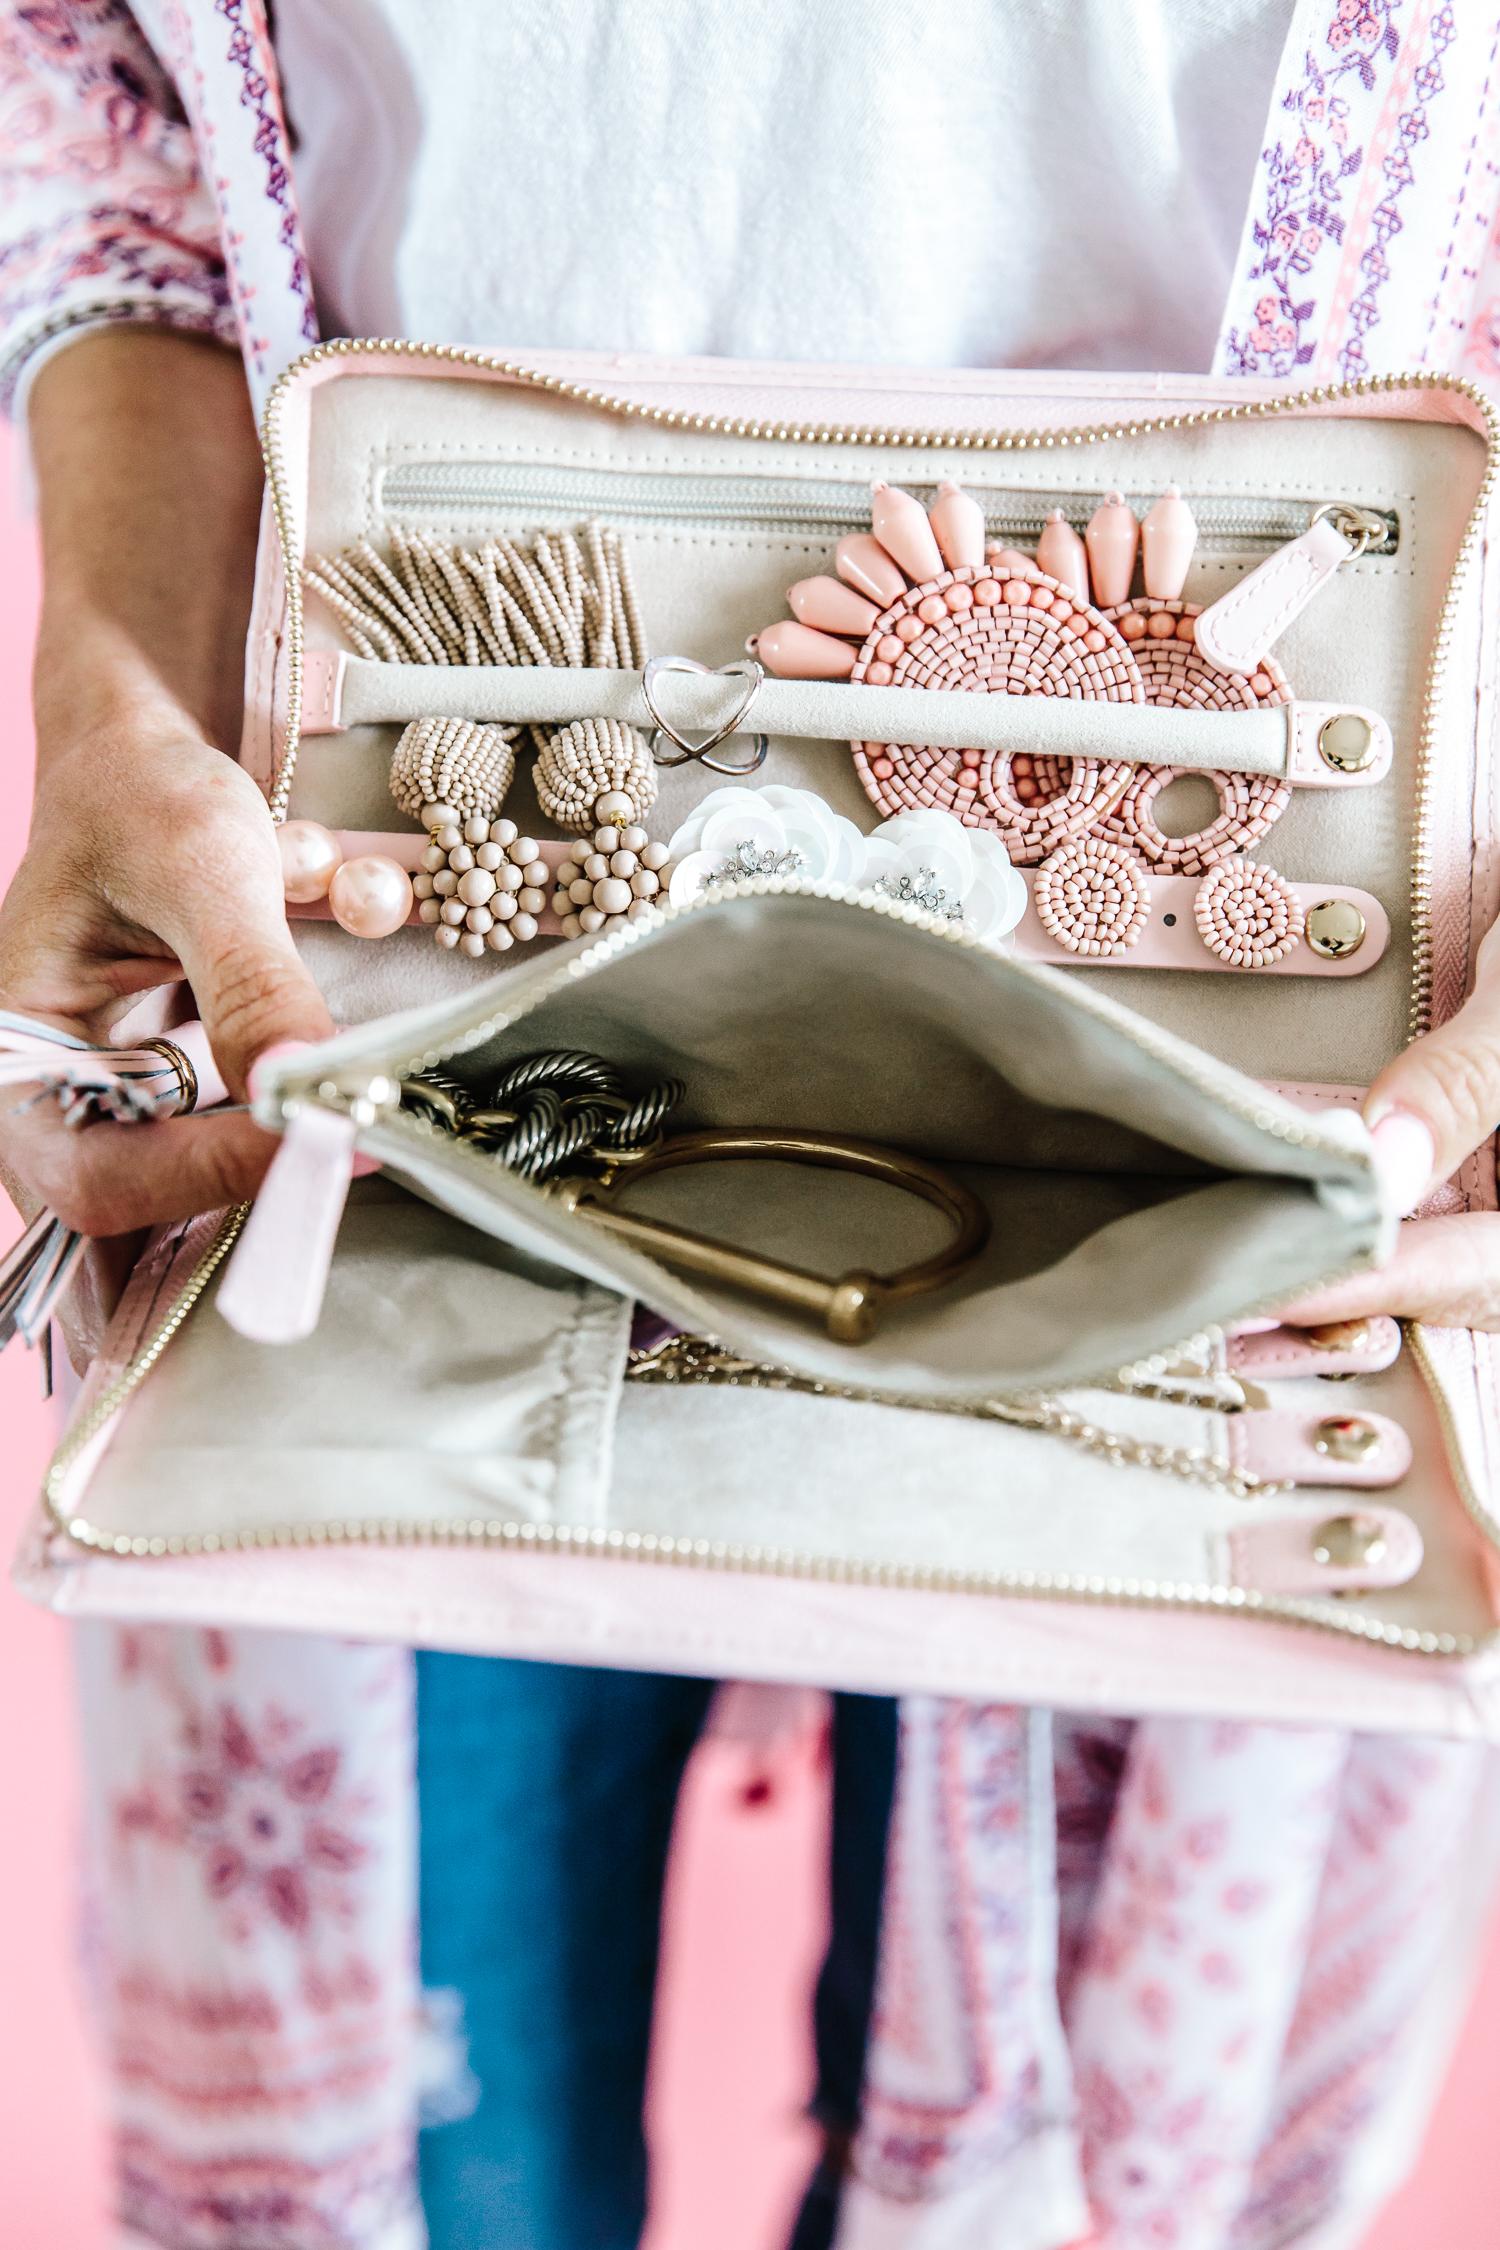 jewelry organizer, travel jewelry organize, how to organize jewelry for travel, best way to organize jewelry for travel